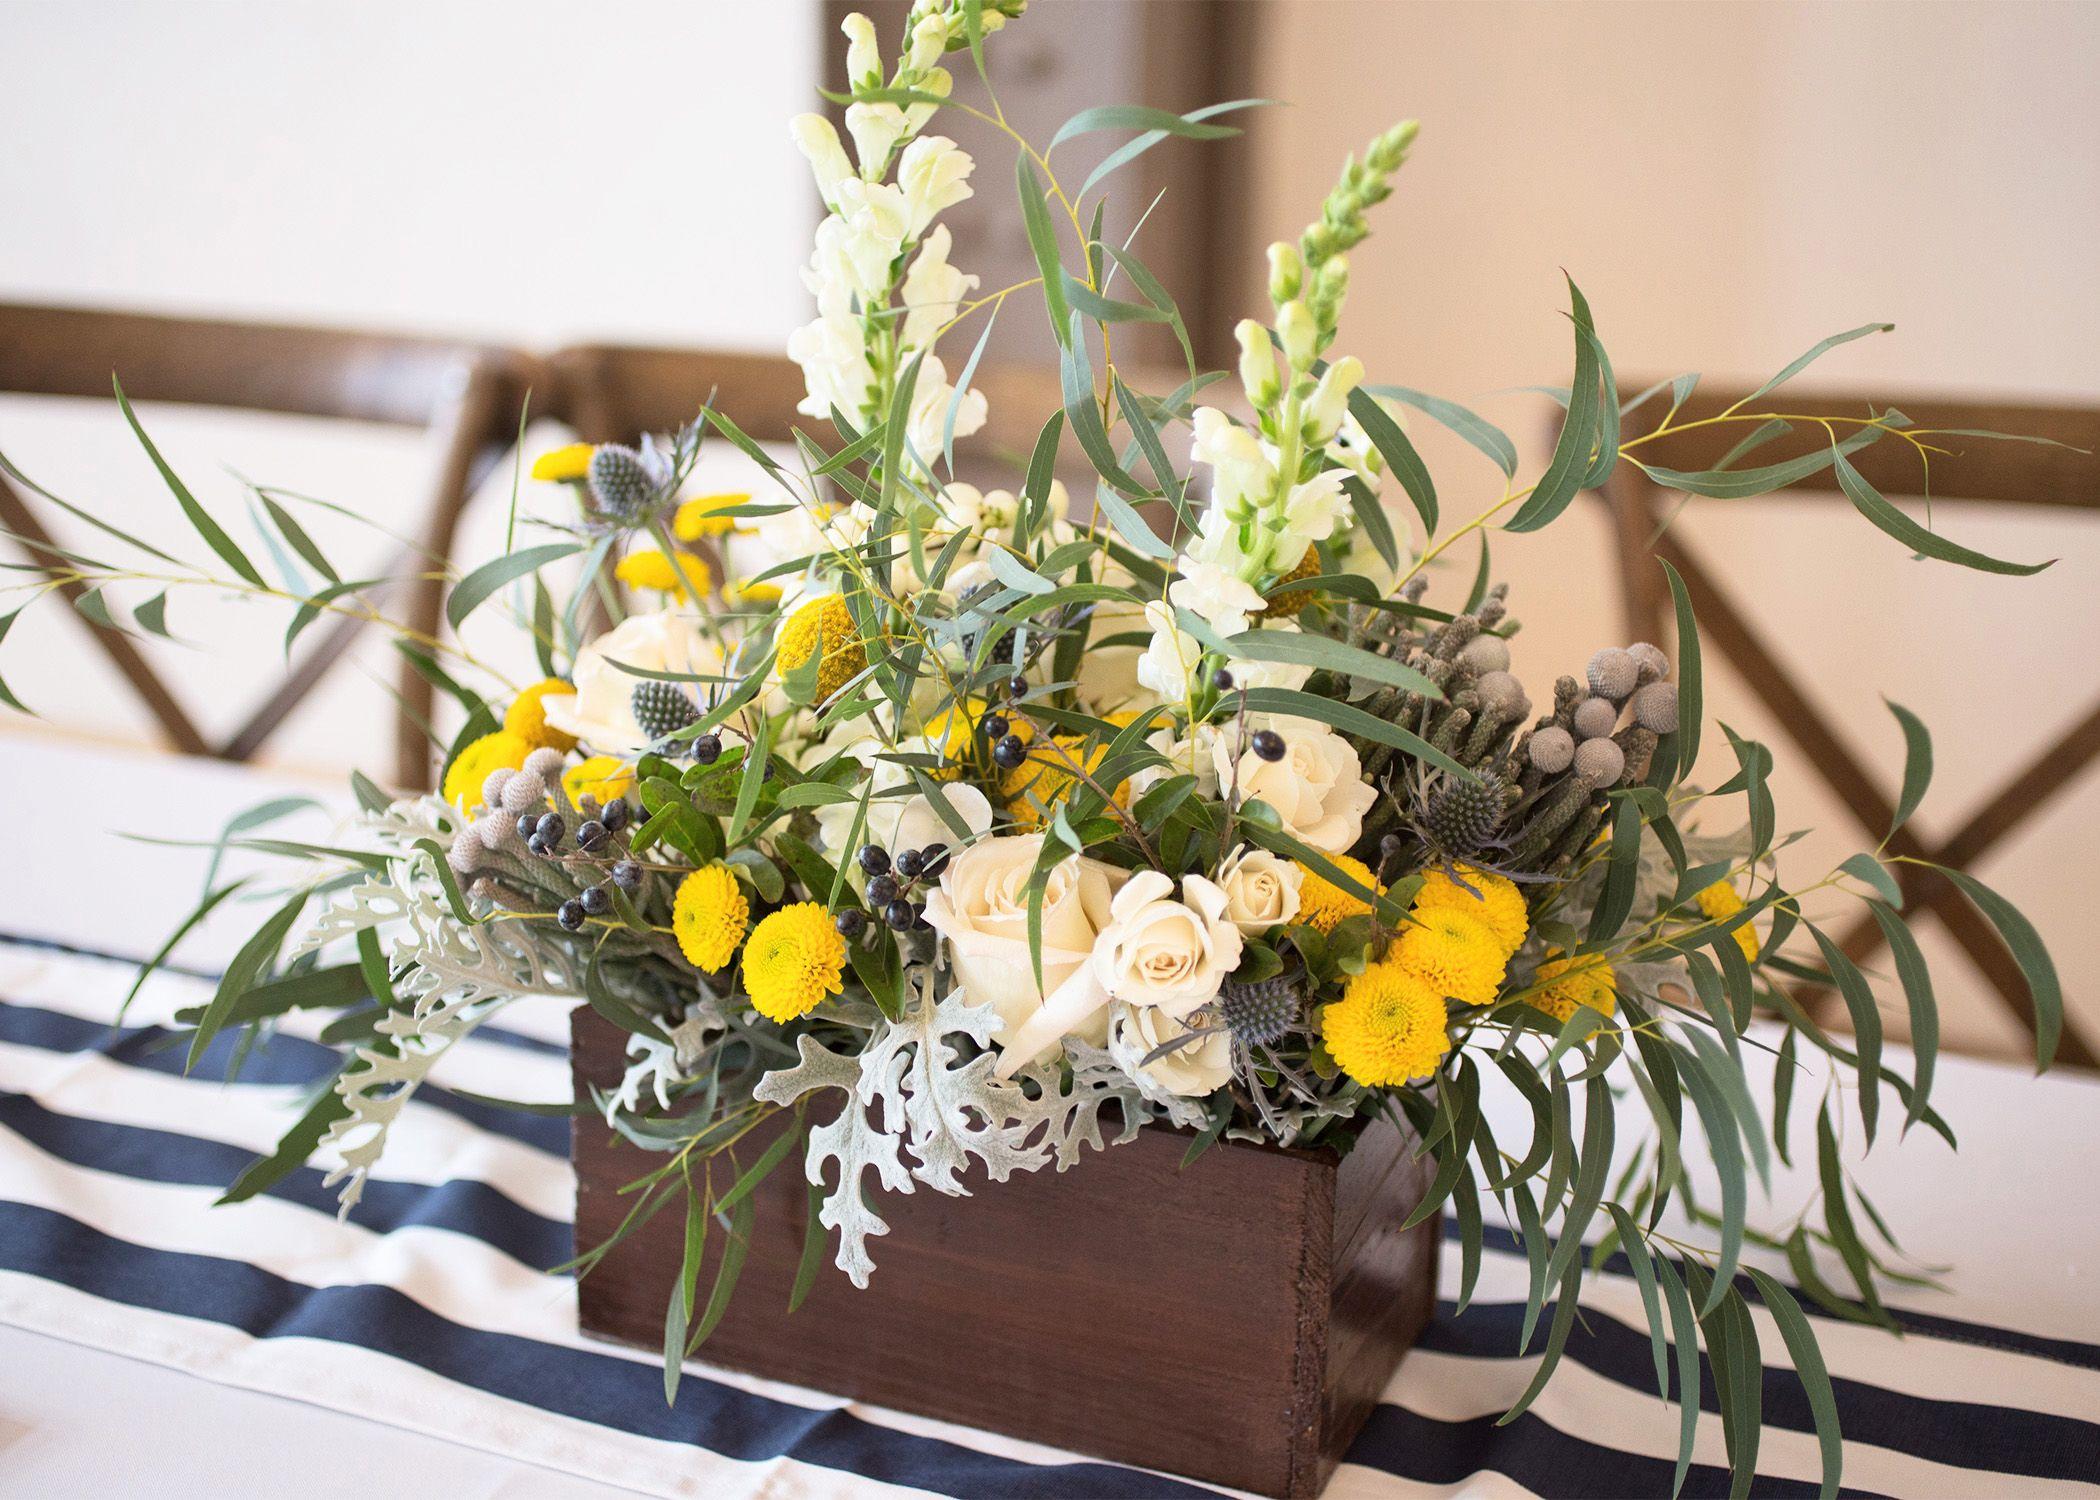 Wedding centerpiece © 2016 A Pretty Flower | Photo by: Julijana M. Tkalec | www.aprettyflower.com